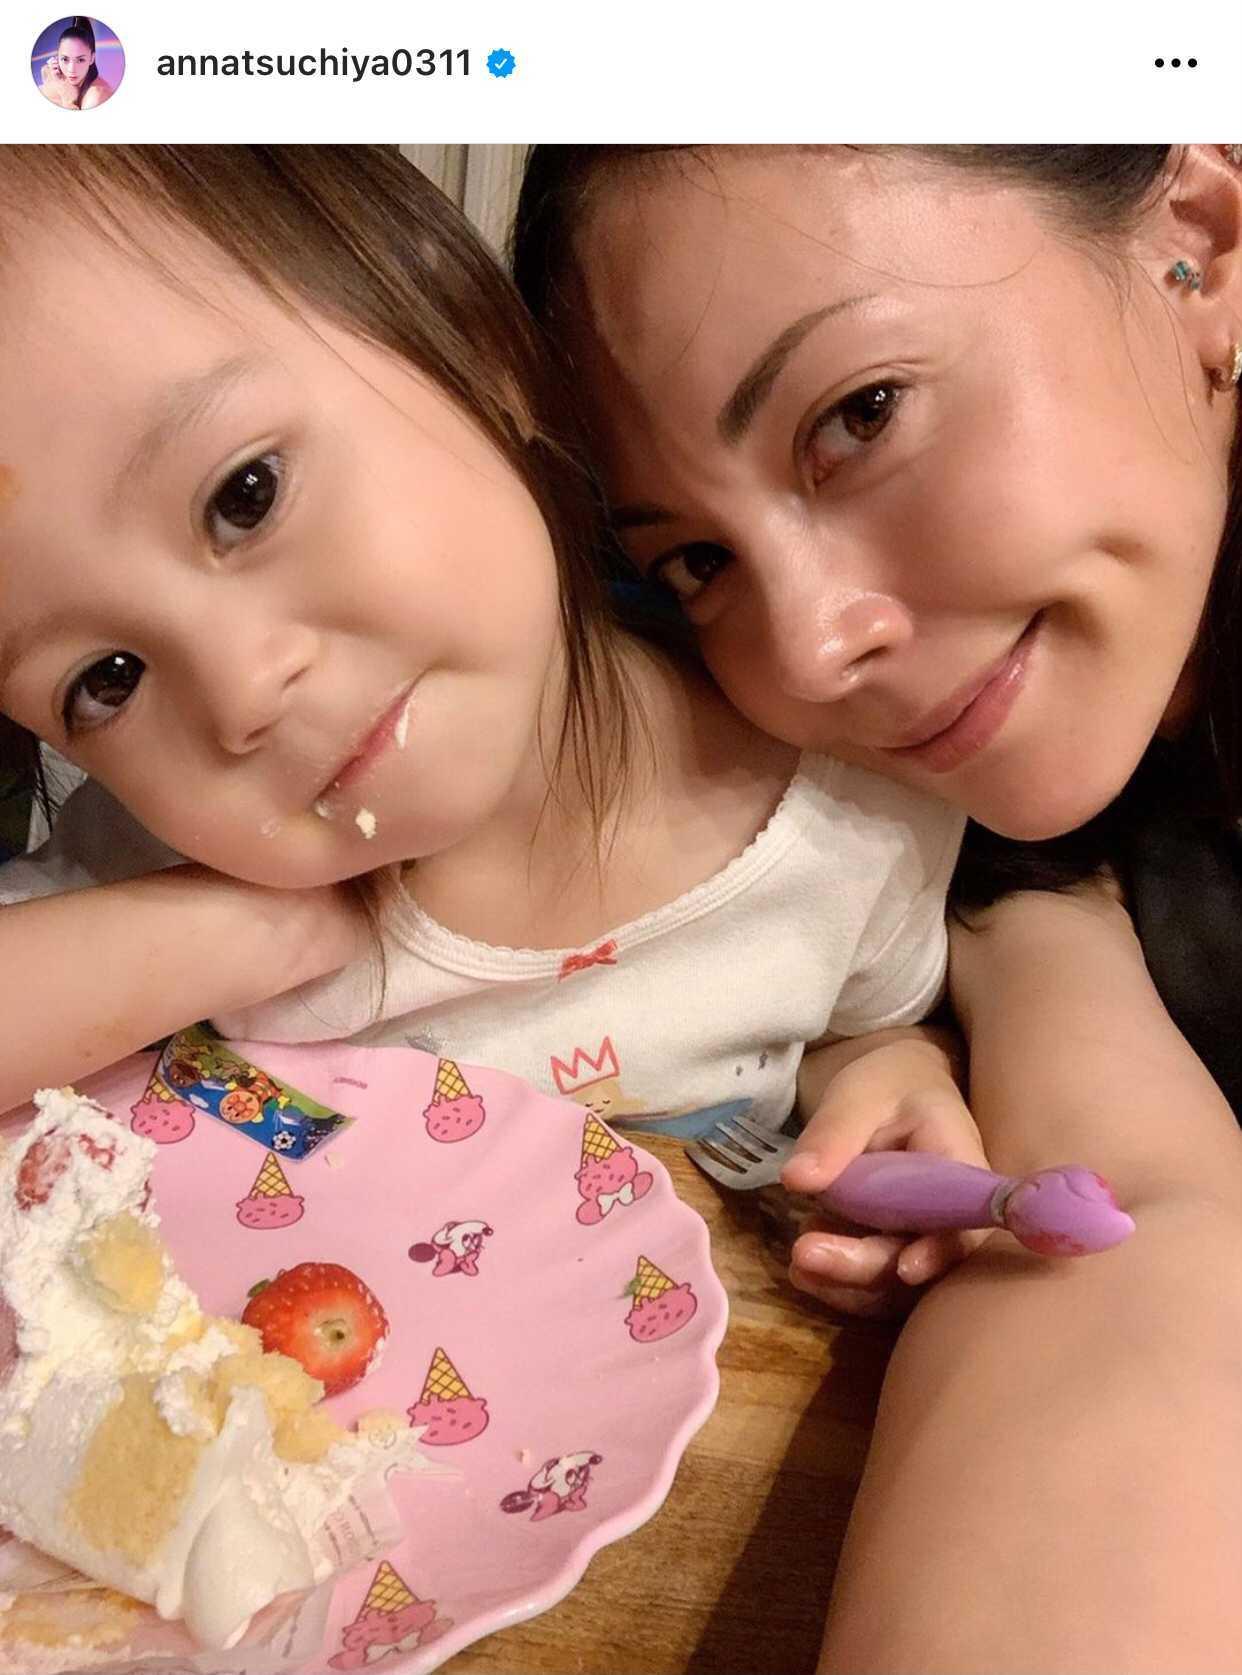 「ママそっくり」土屋アンナ、次女との顔寄せ2SHOTに反響「可愛すぎる」